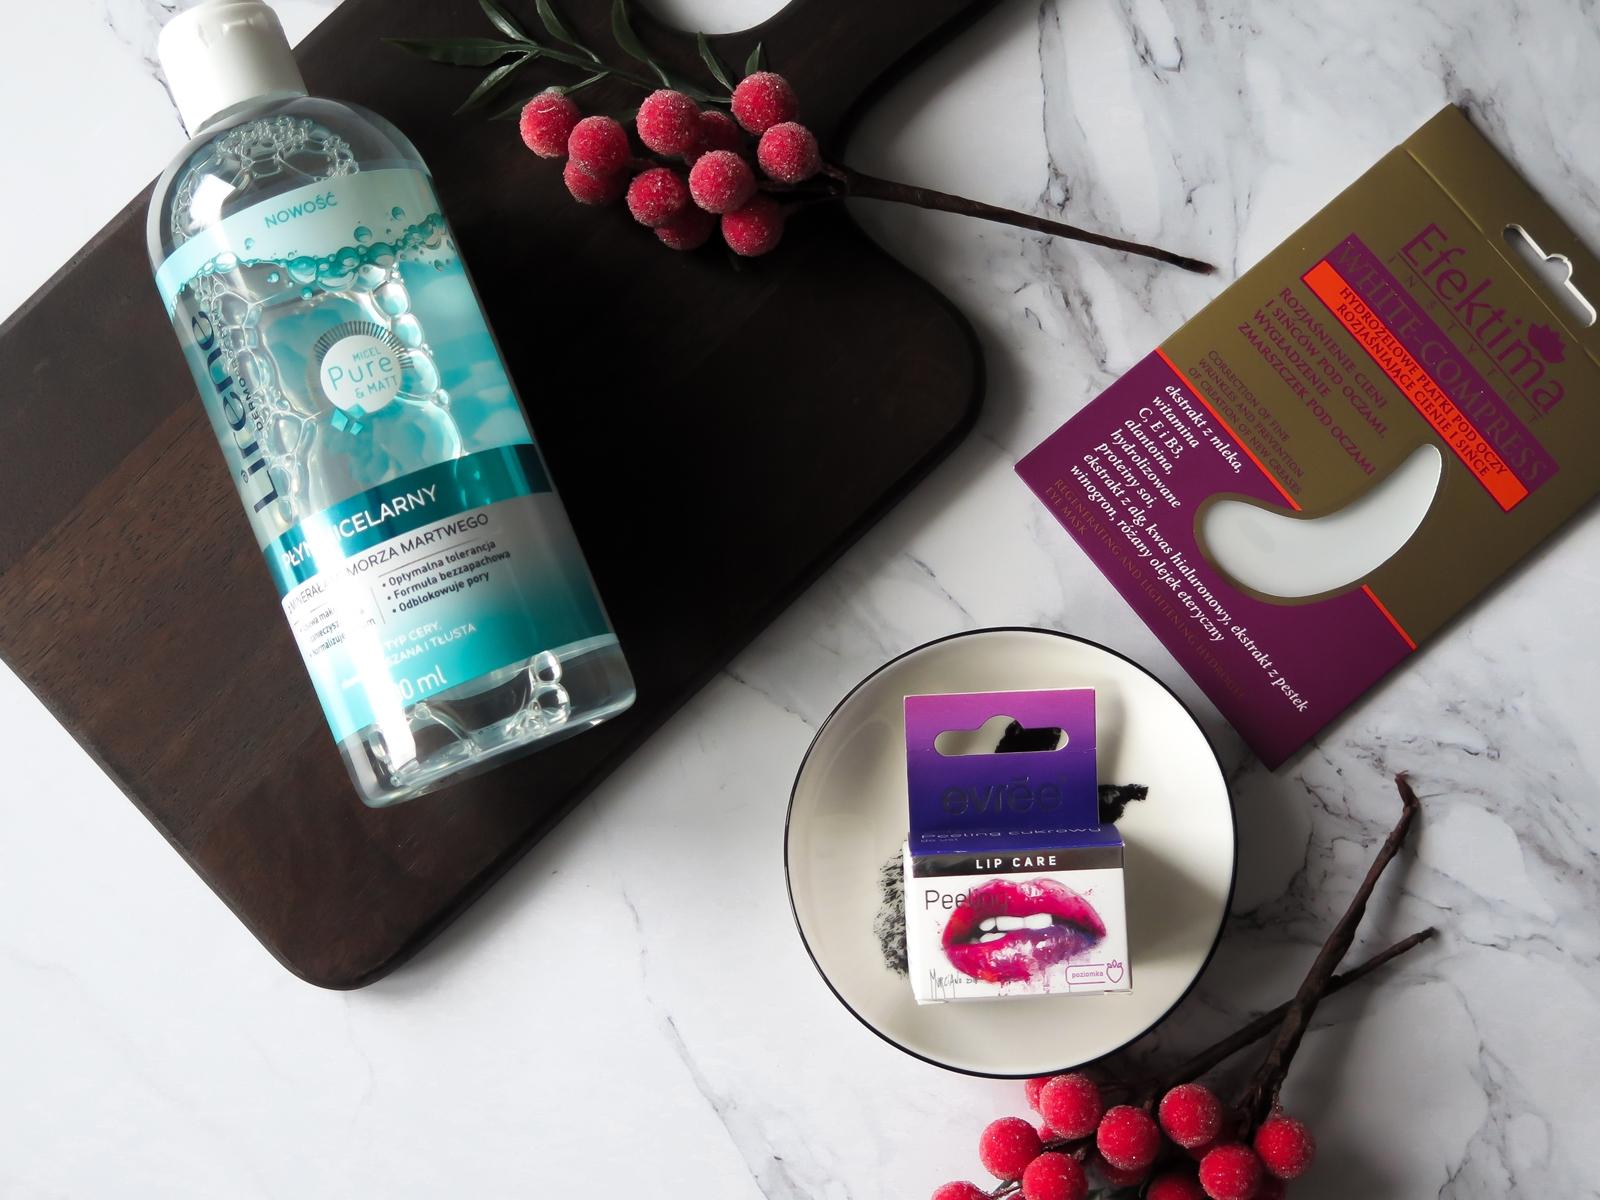 Rossmann | 5 kosmetyków, które testuje - Lirene, Alterra, Evree